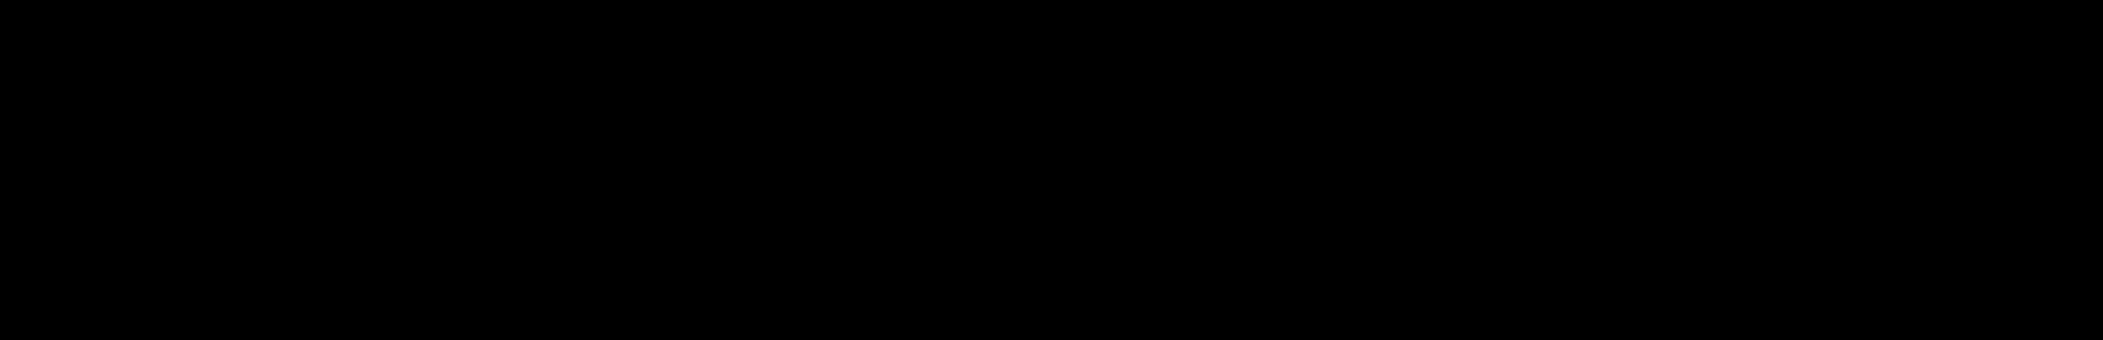 Низкоуровневая оптимизация кода на платформе Эльбрус: векторное сложение uint16_t с помощью интринсиков - 2